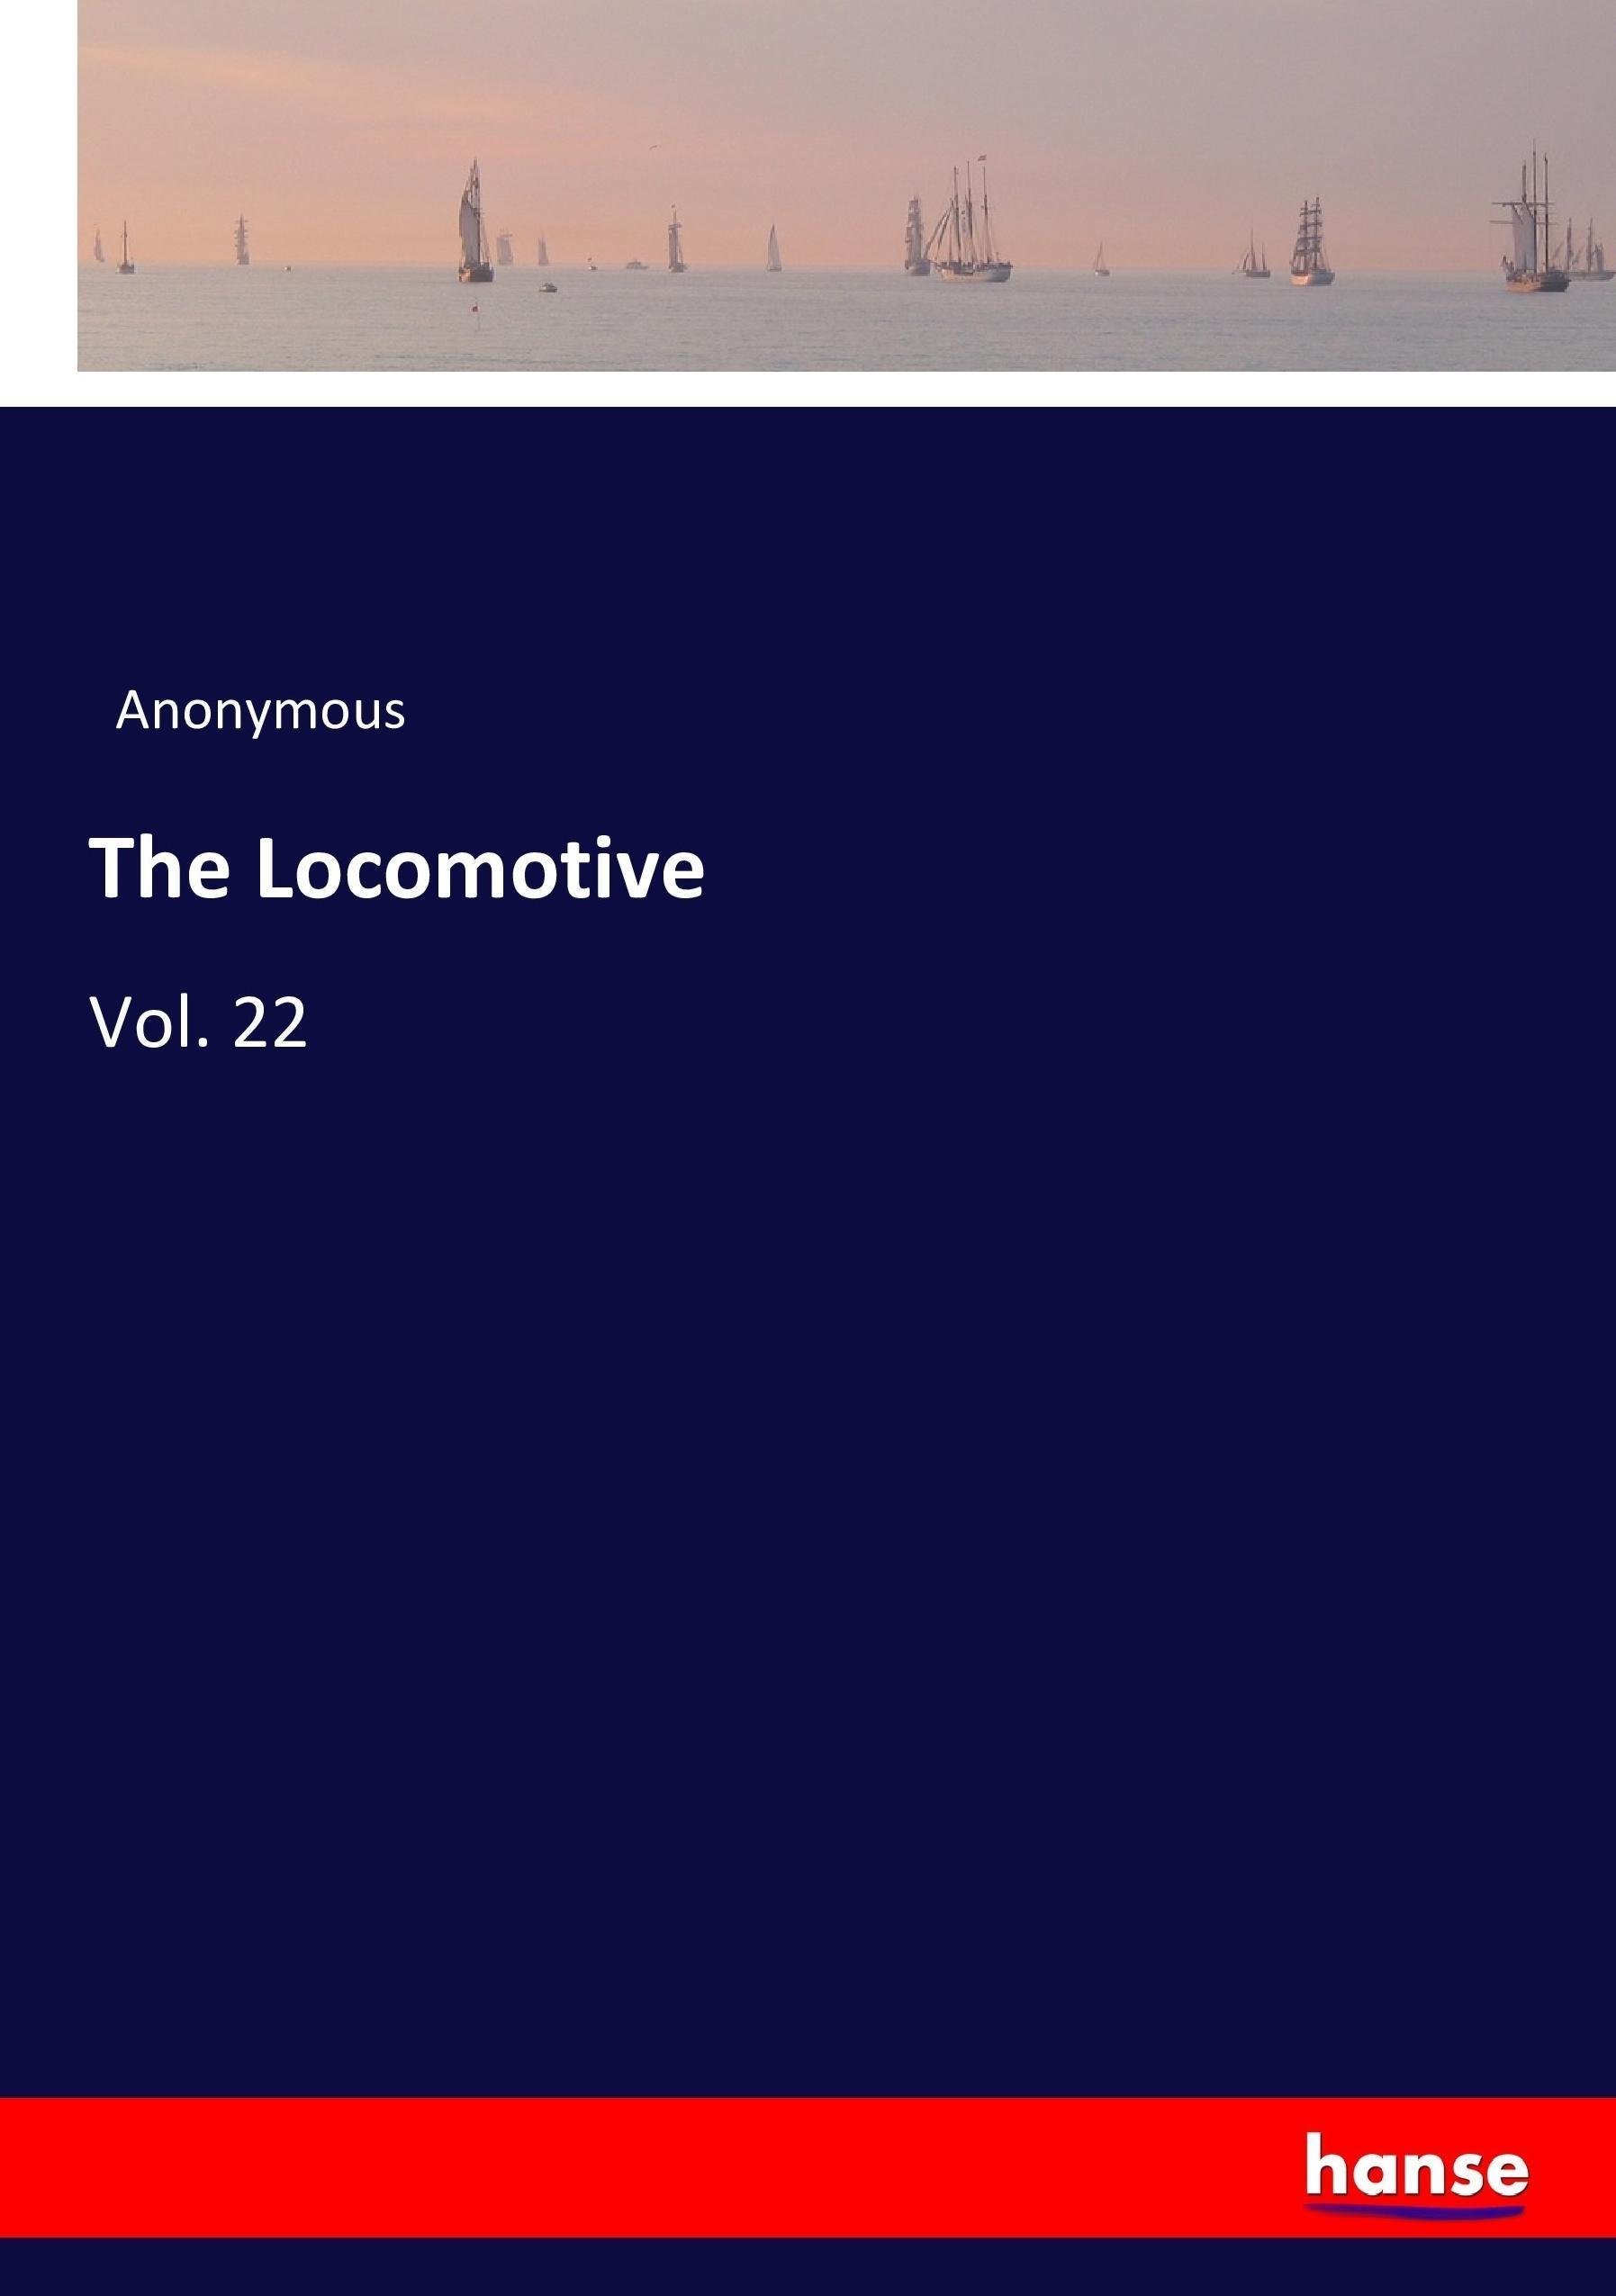 The Locomotive Anonymous